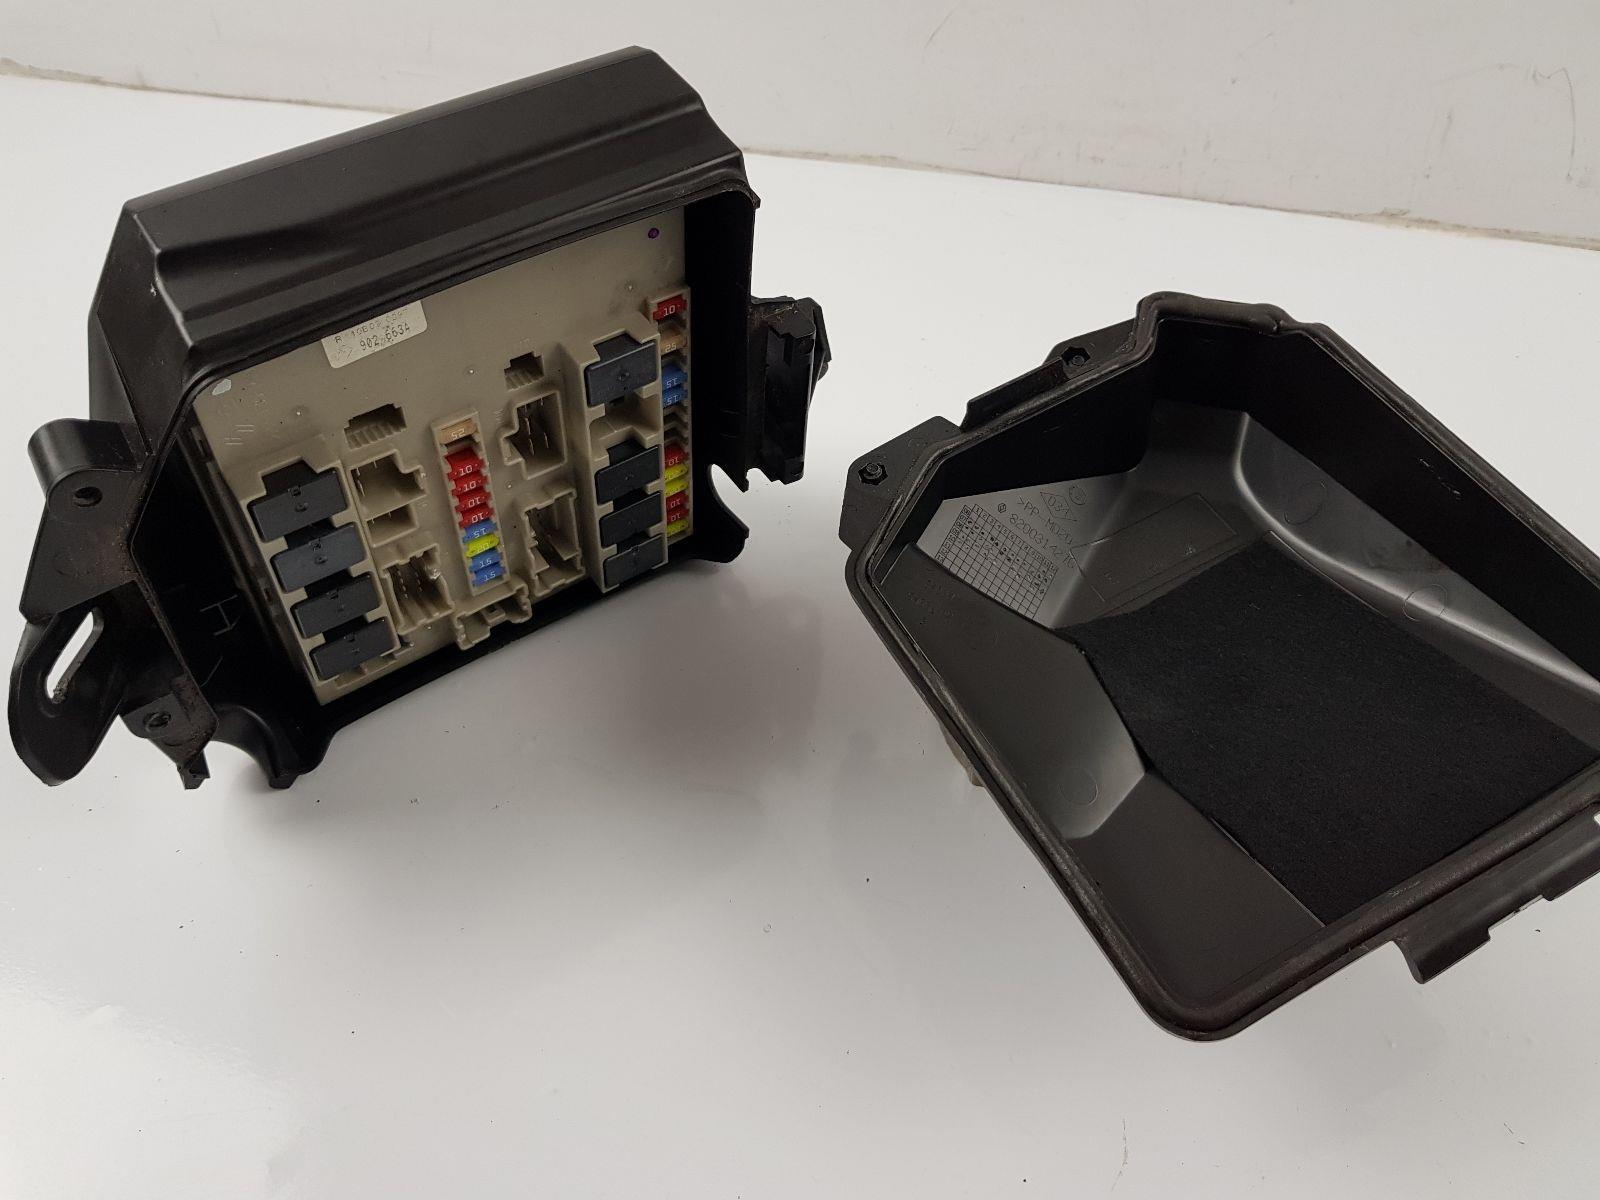 2009-2012 mk3 renault clio ph2 fuse box 8200314276